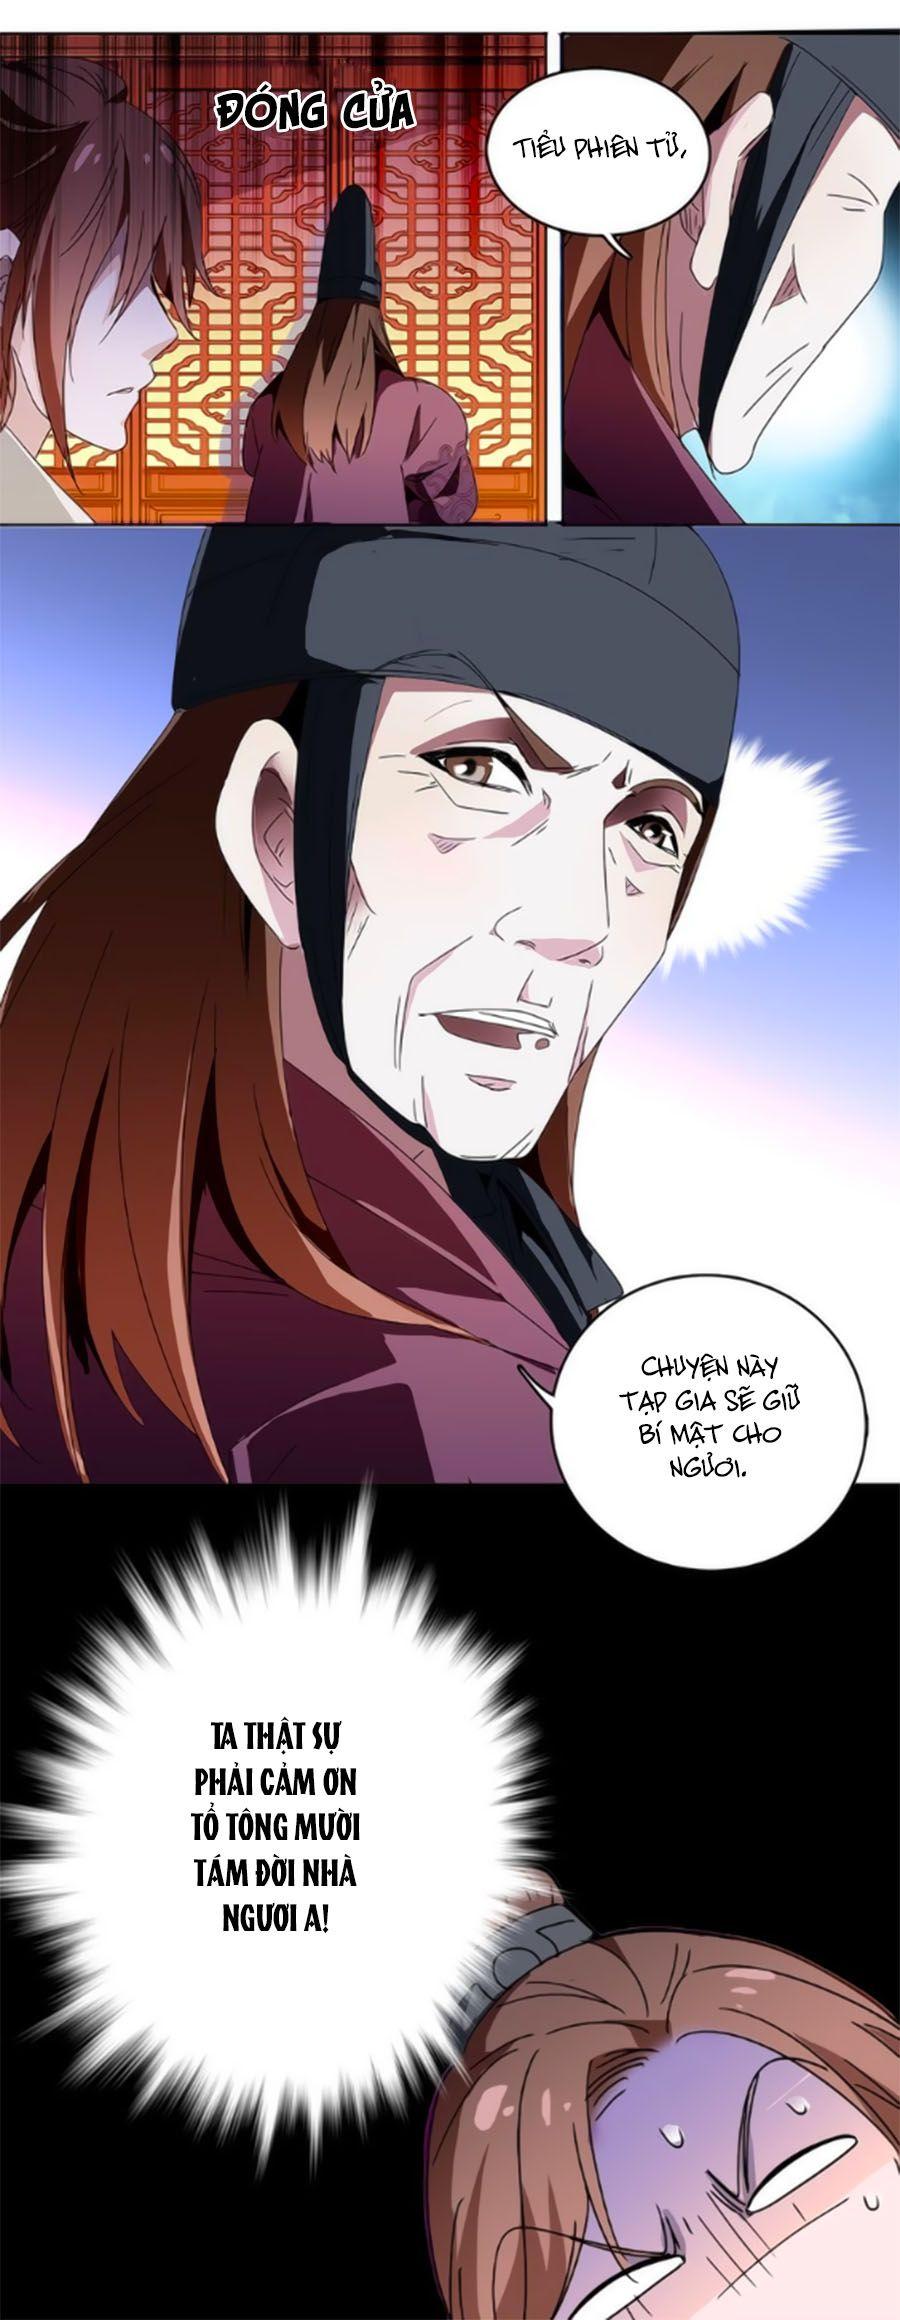 Hoàng Thượng! Hãy Sủng Ái Ta Đi! Chap 13